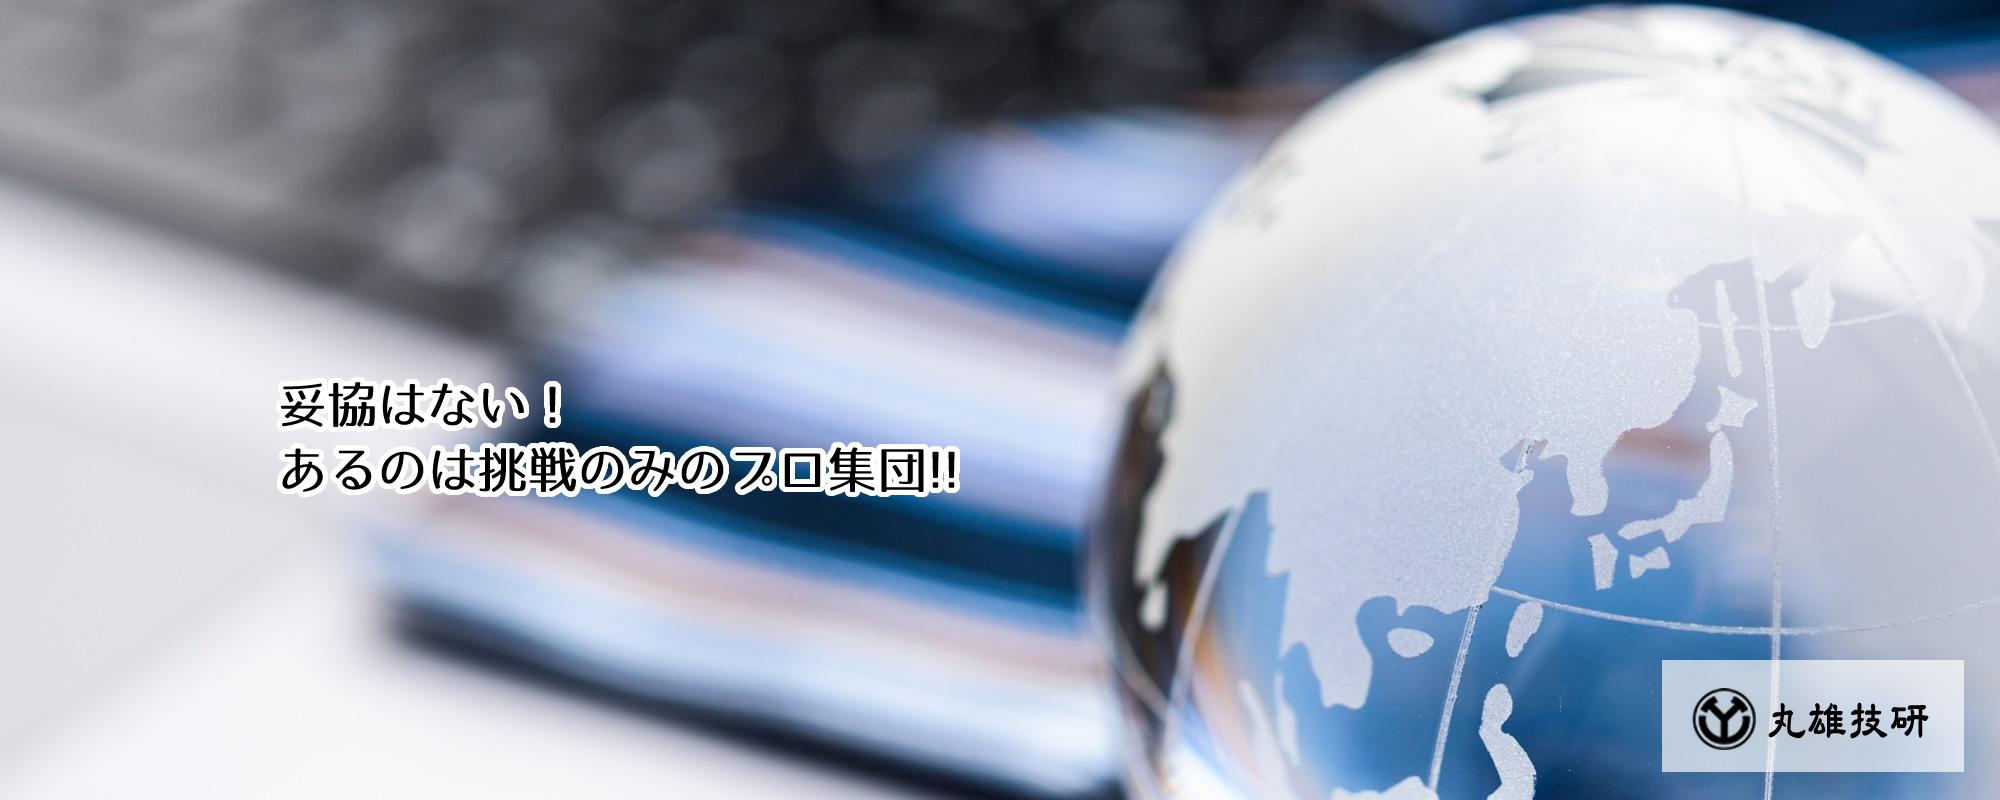 株式会社丸雄技研/衛生・空調・冷暖房設備